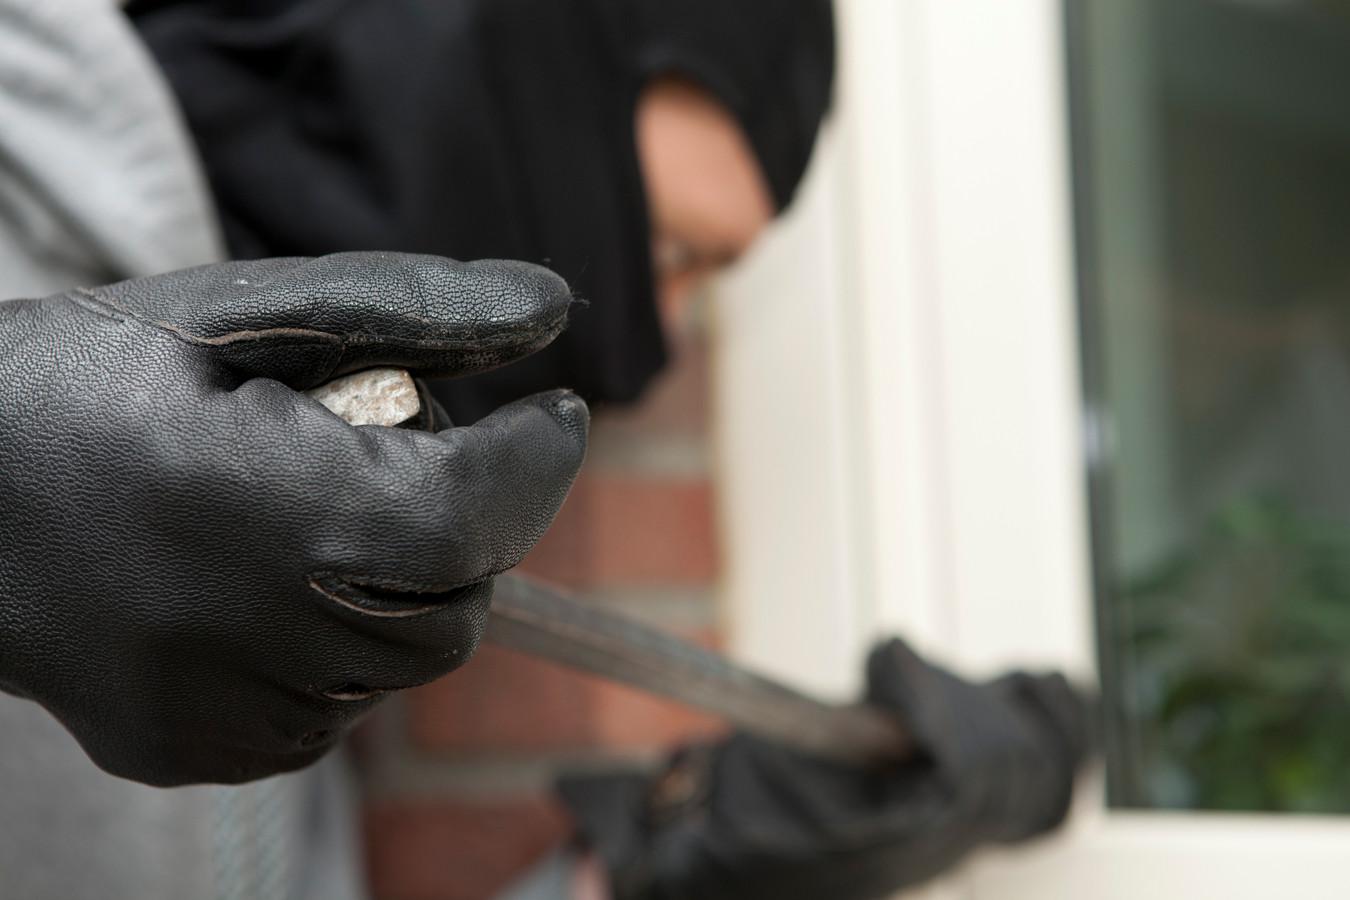 Drie achtereenvolgende dagen wordt er ingebroken, en de vierde dag ziet de politie bij toeval een bekende met zware tassen slepen.